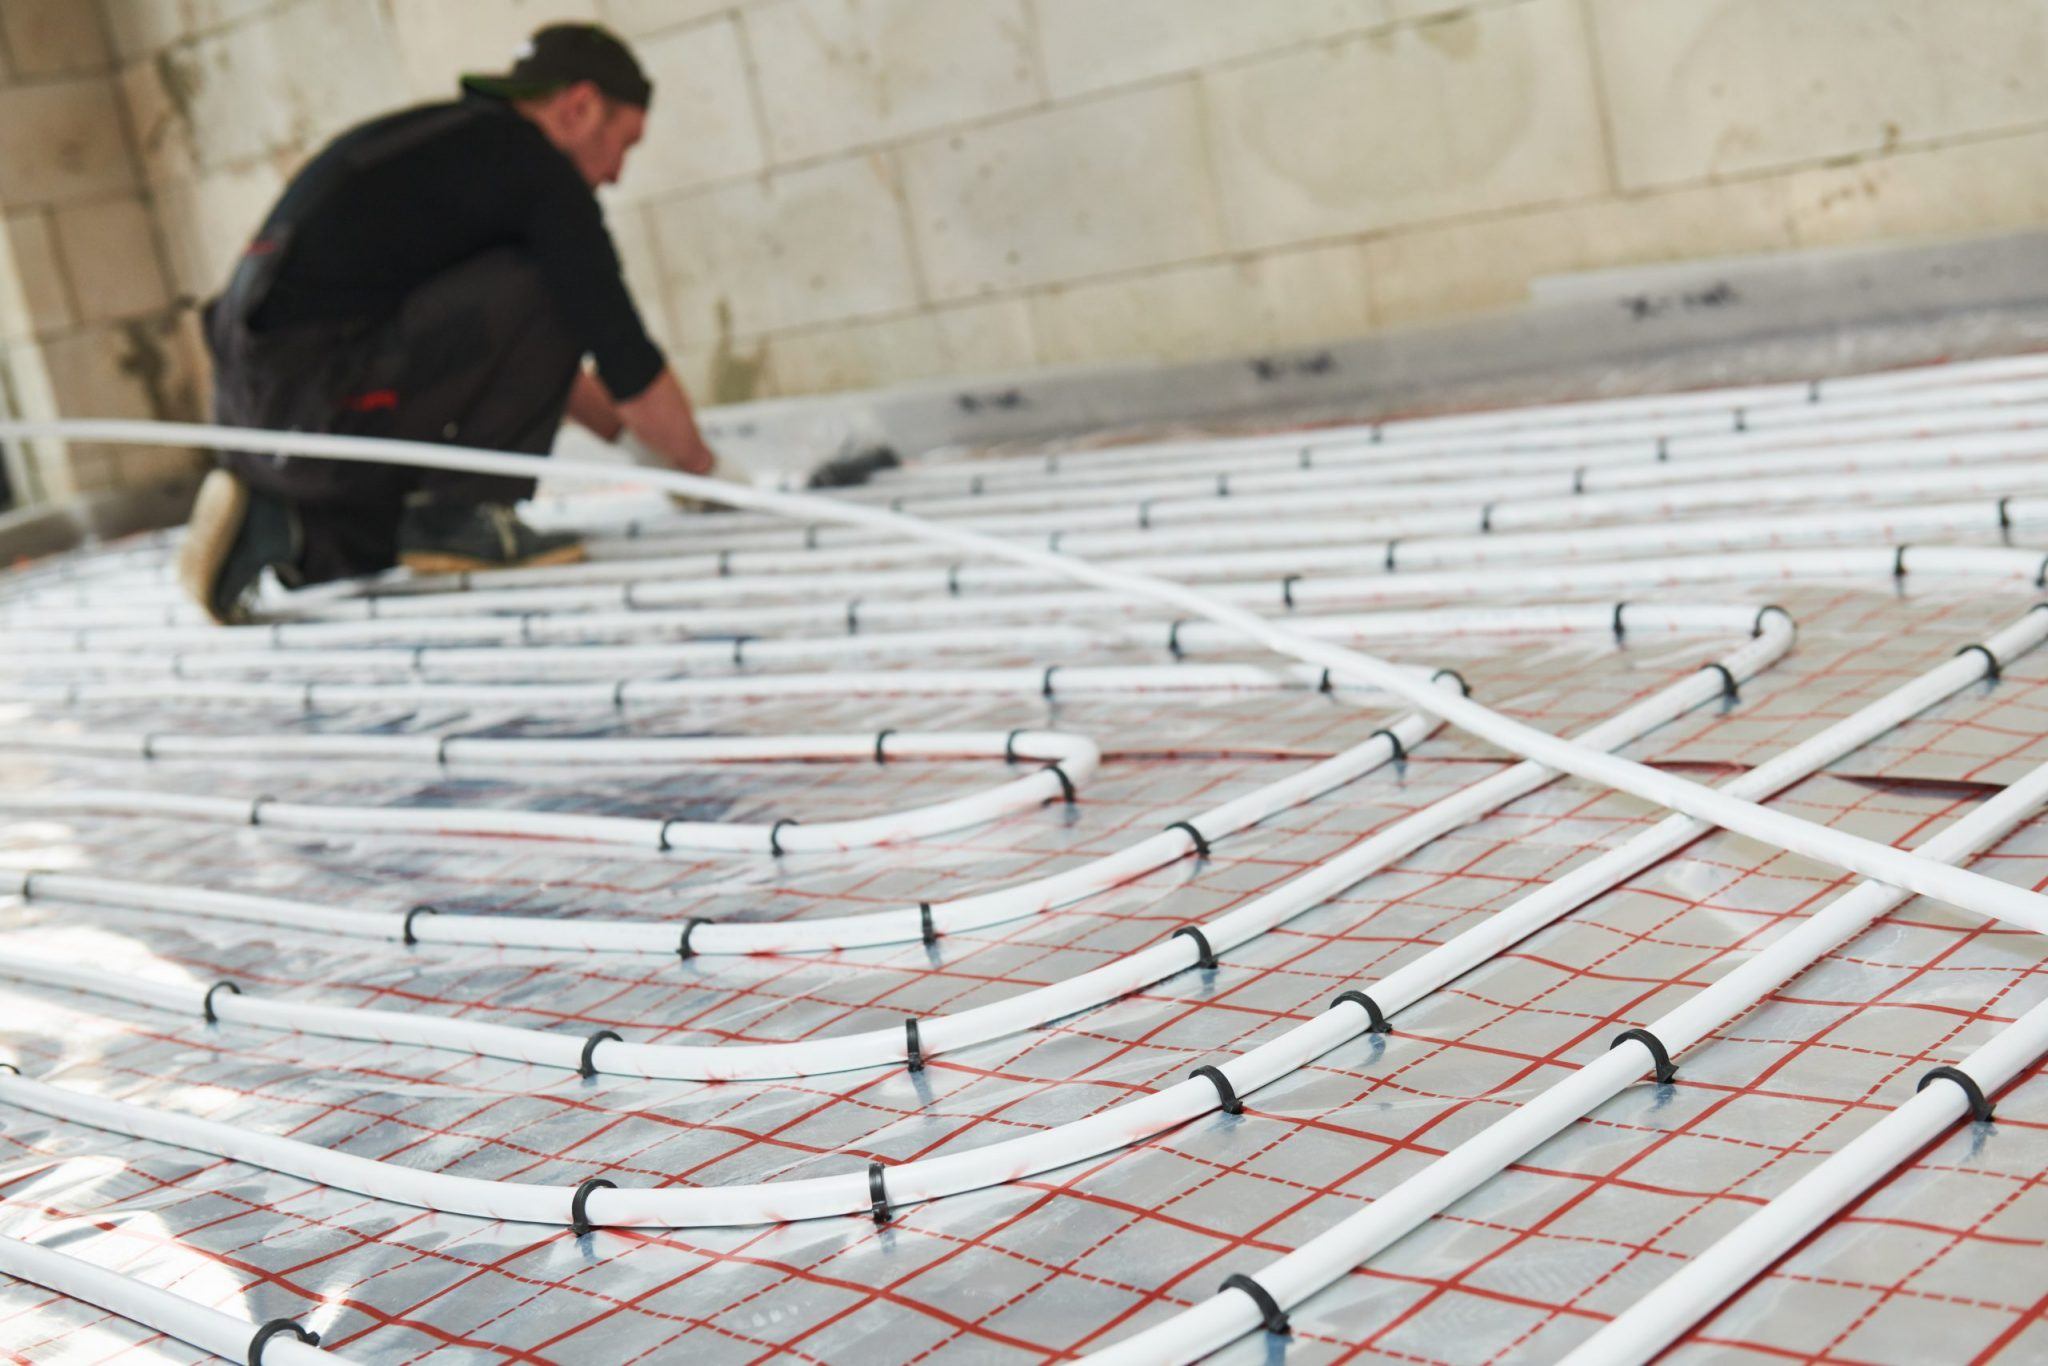 Man installing floor heating system.